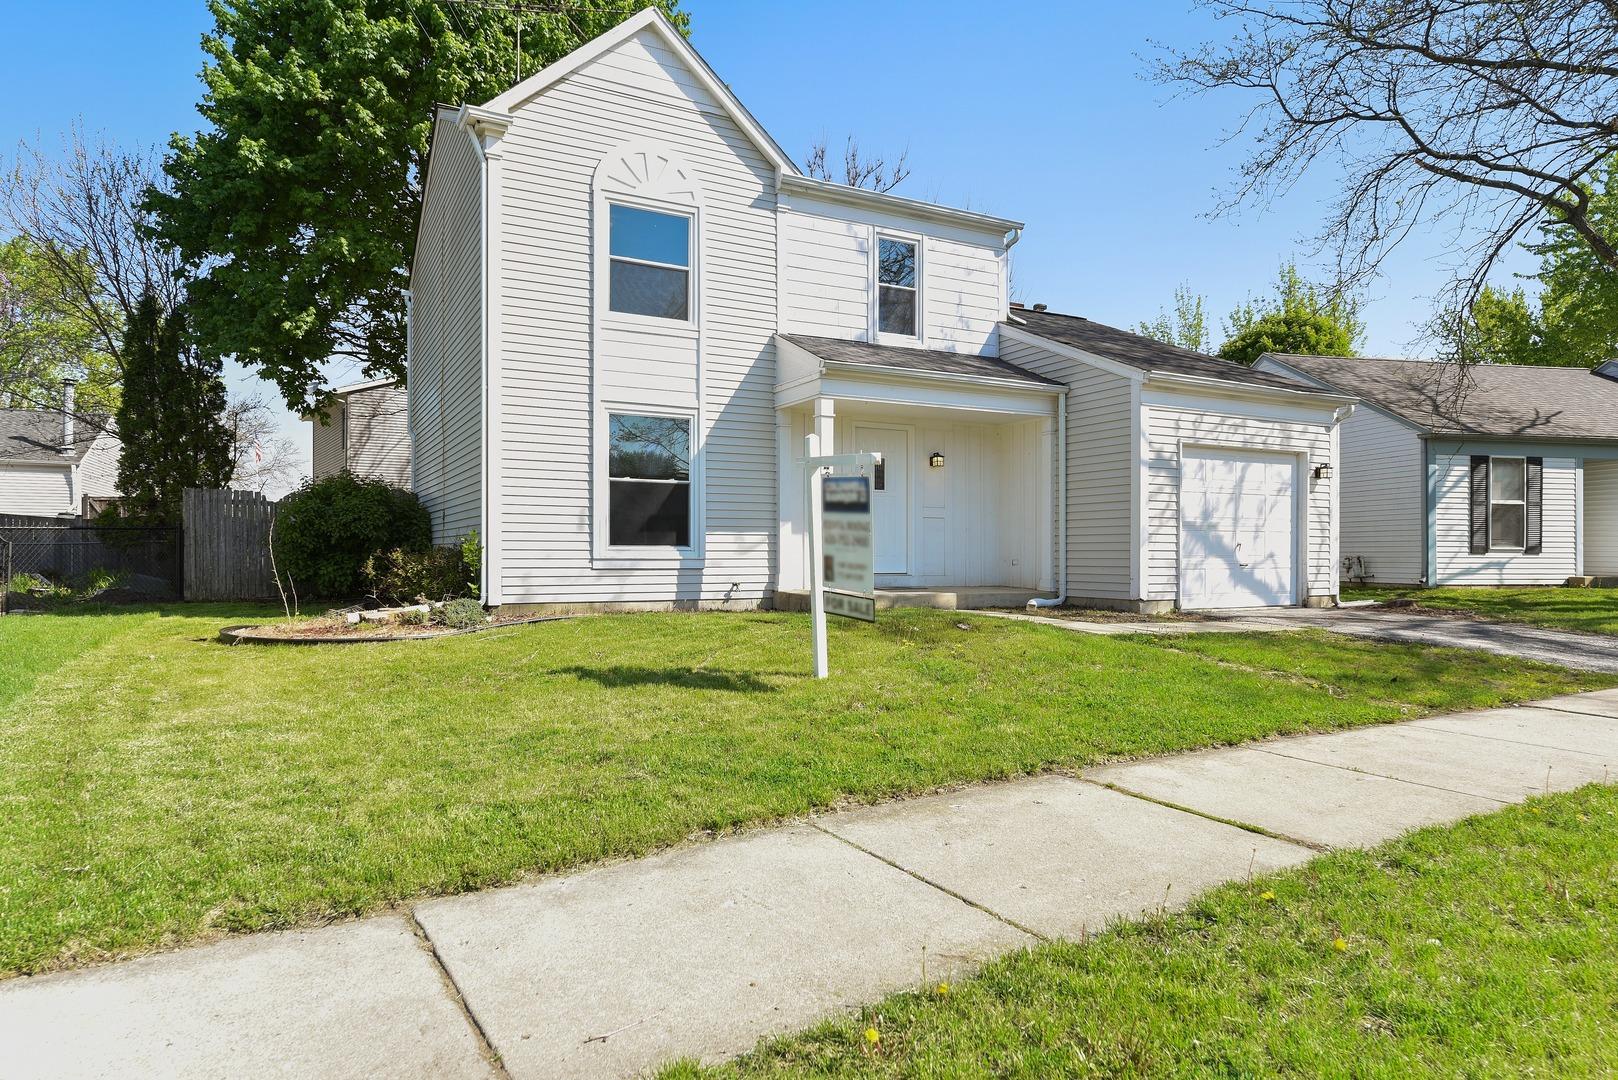 2630 Prairieview, AURORA, Illinois, 60502